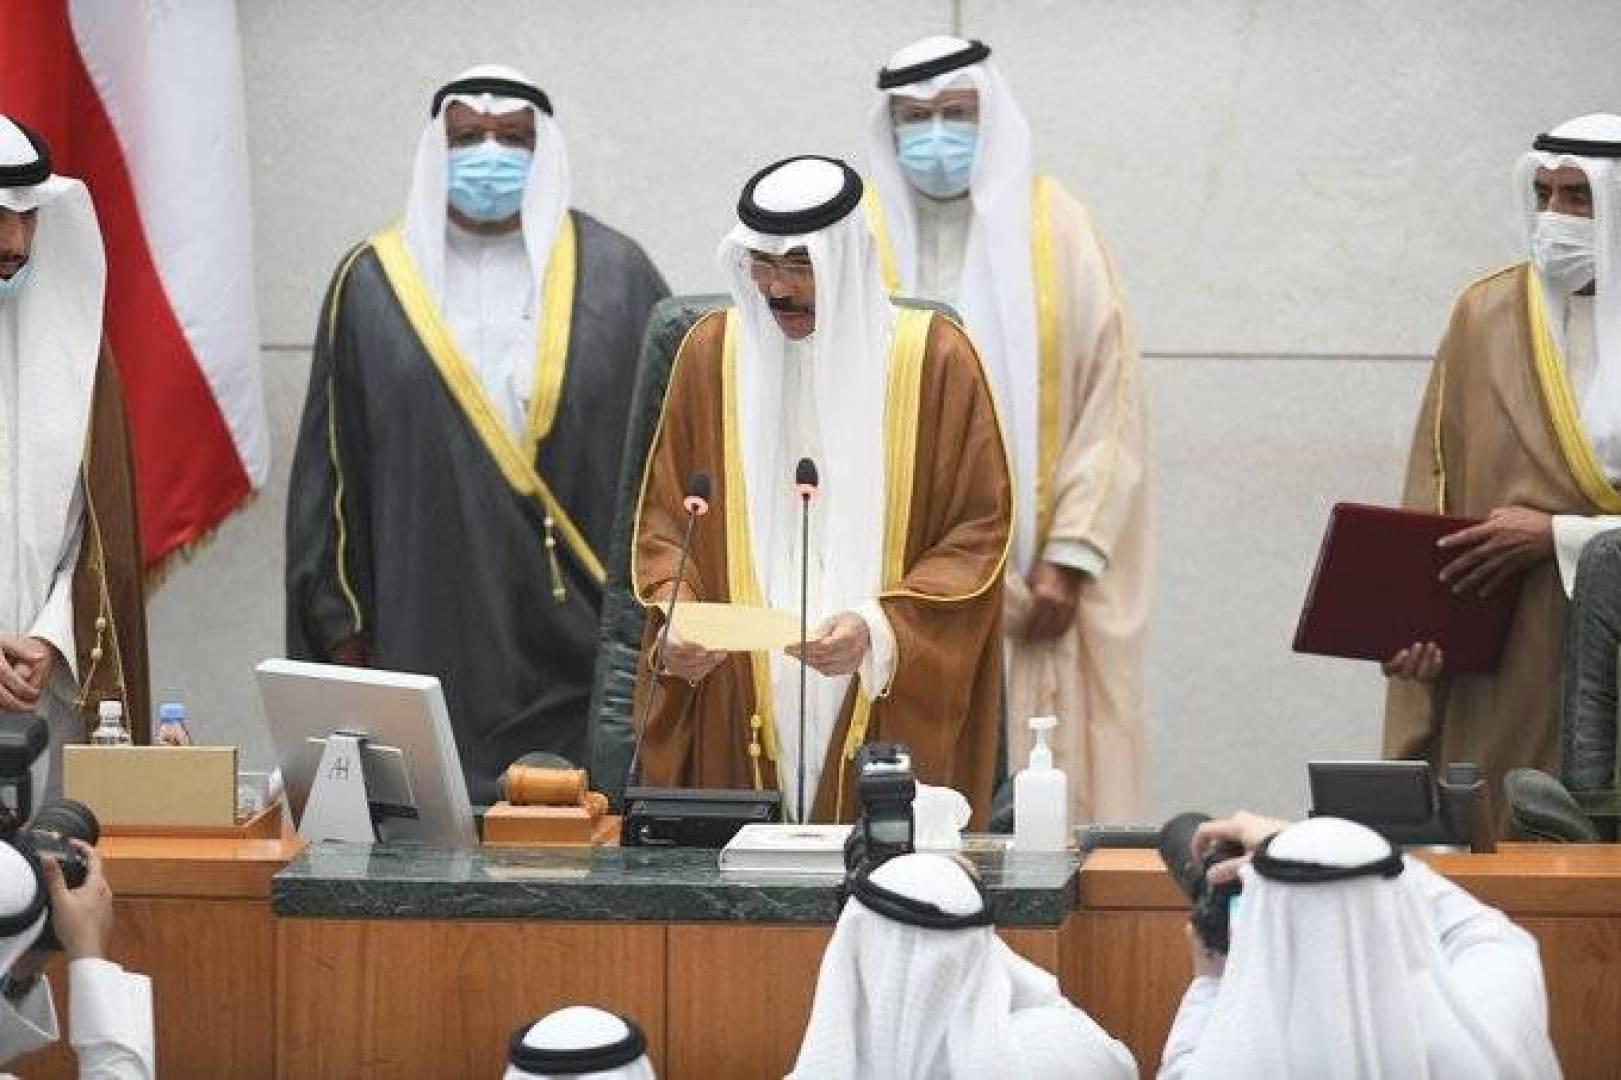 الشيخ نواف الأحمد يؤدي اليمين الدستورية ليصبح الأمير السادس عشر للكويت